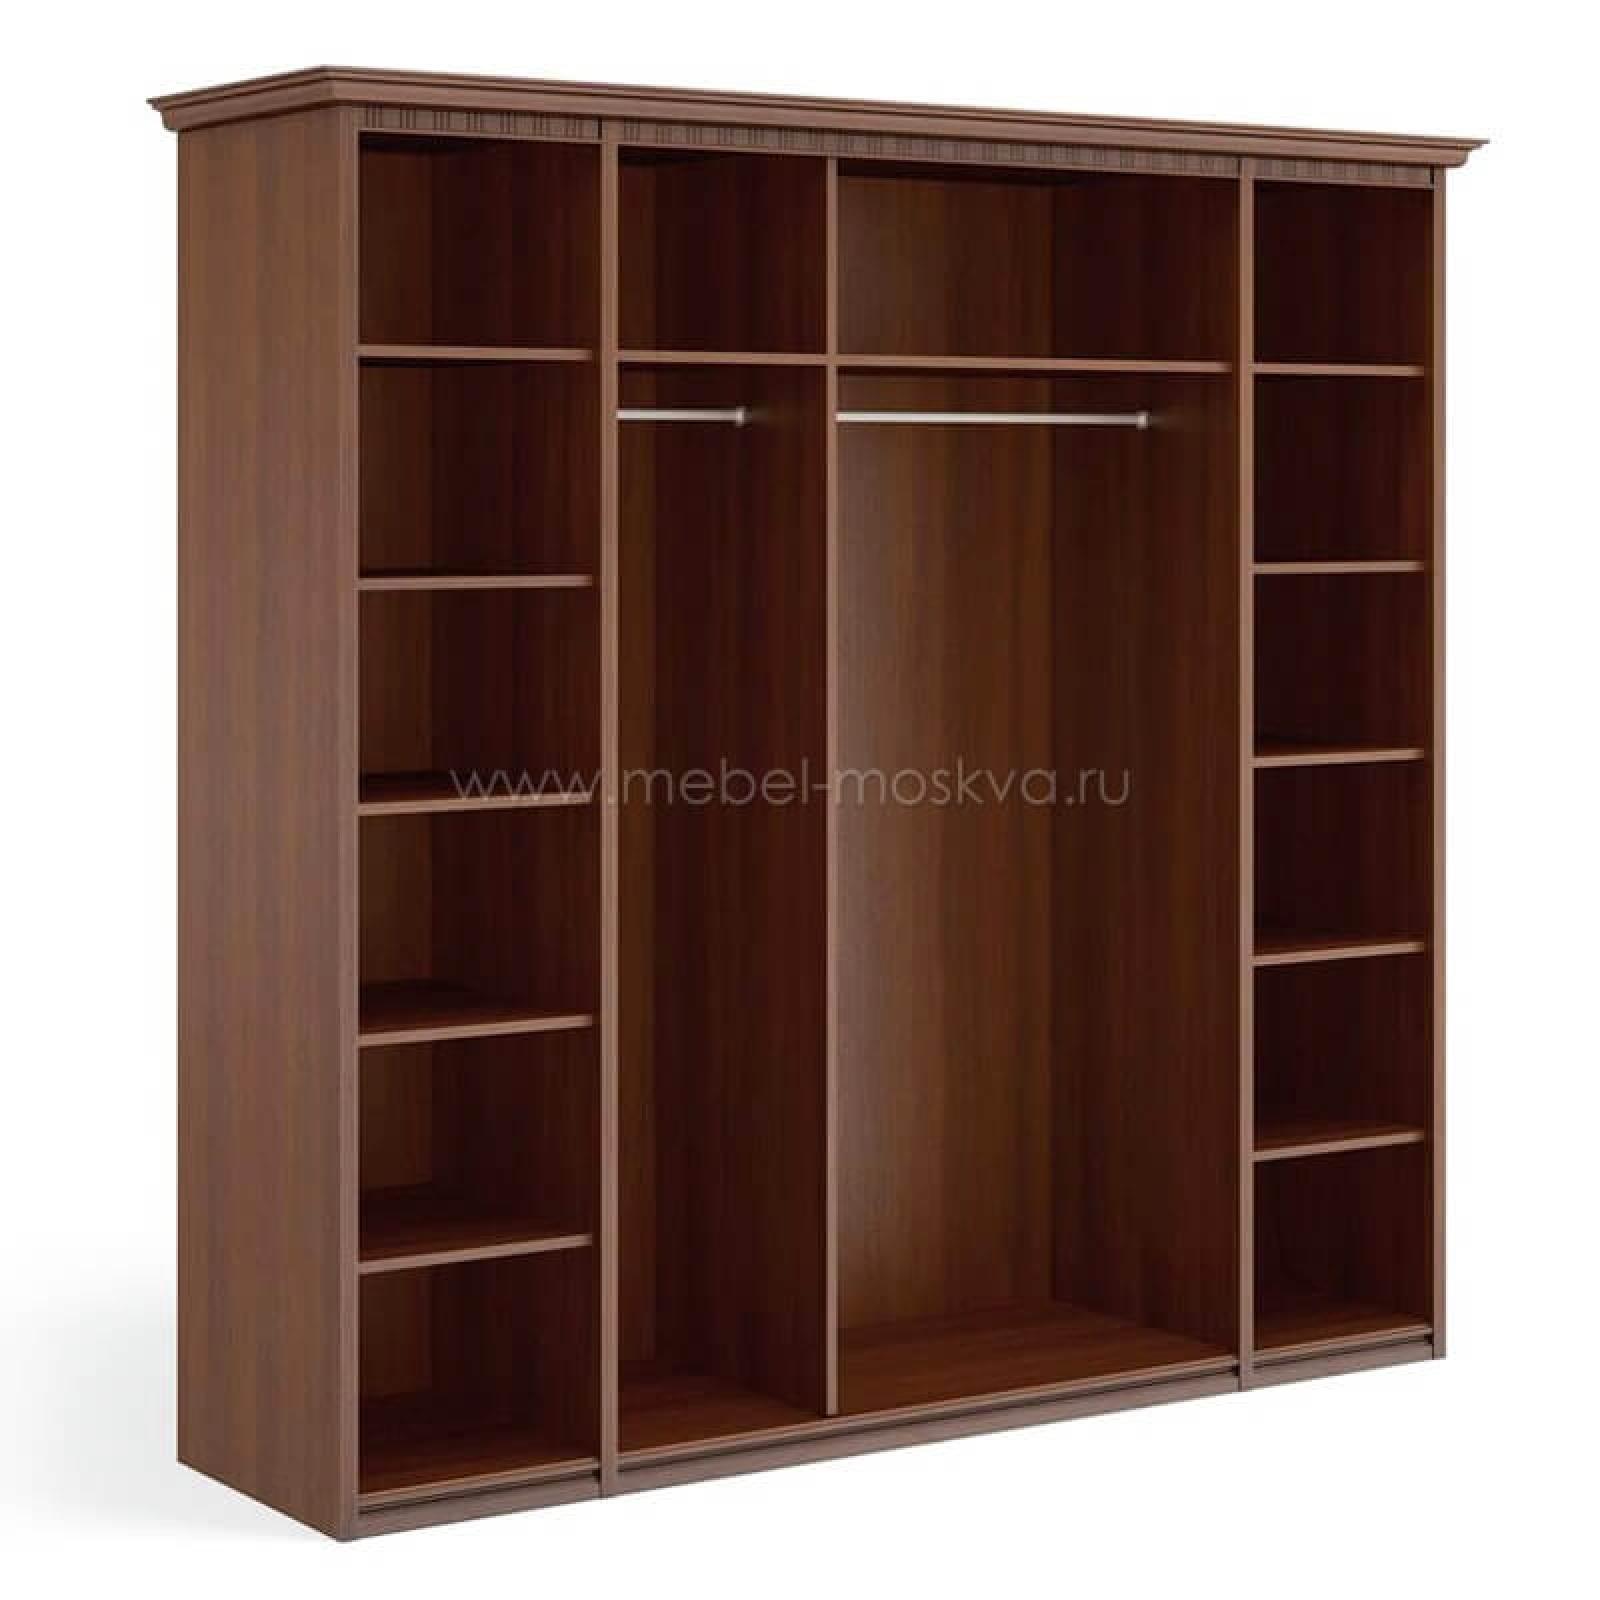 """""""Рапсодия Ю"""" Ю355.15 Шкаф для одежды и белья 5-ти дв. 3 зеркала - 1"""